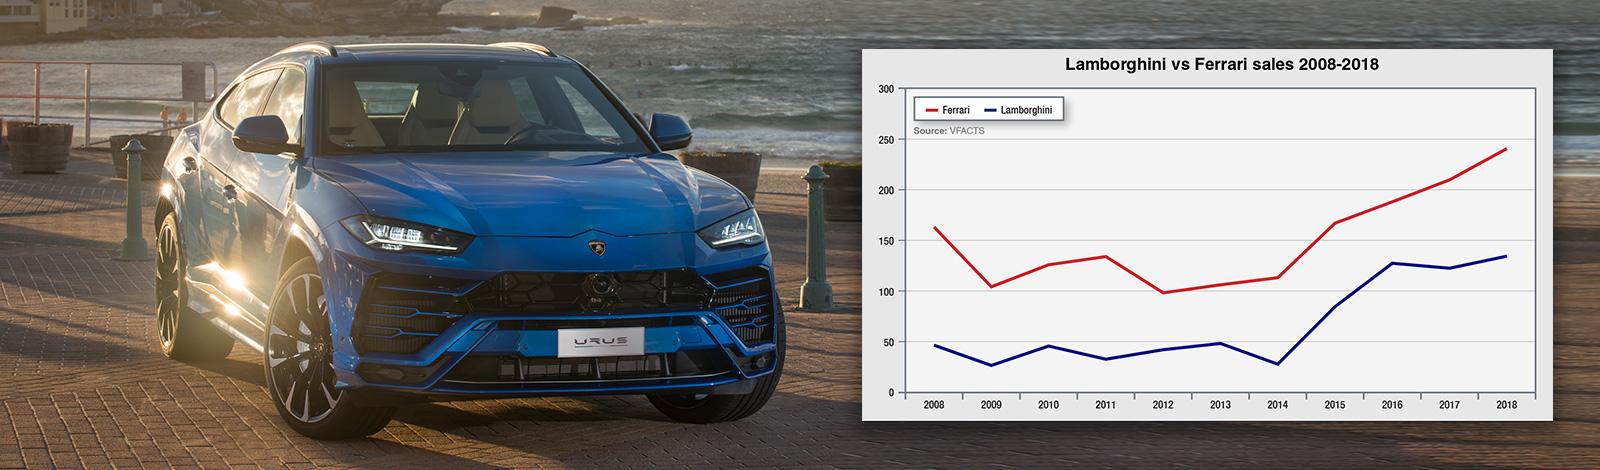 Lamborghini targets record sales